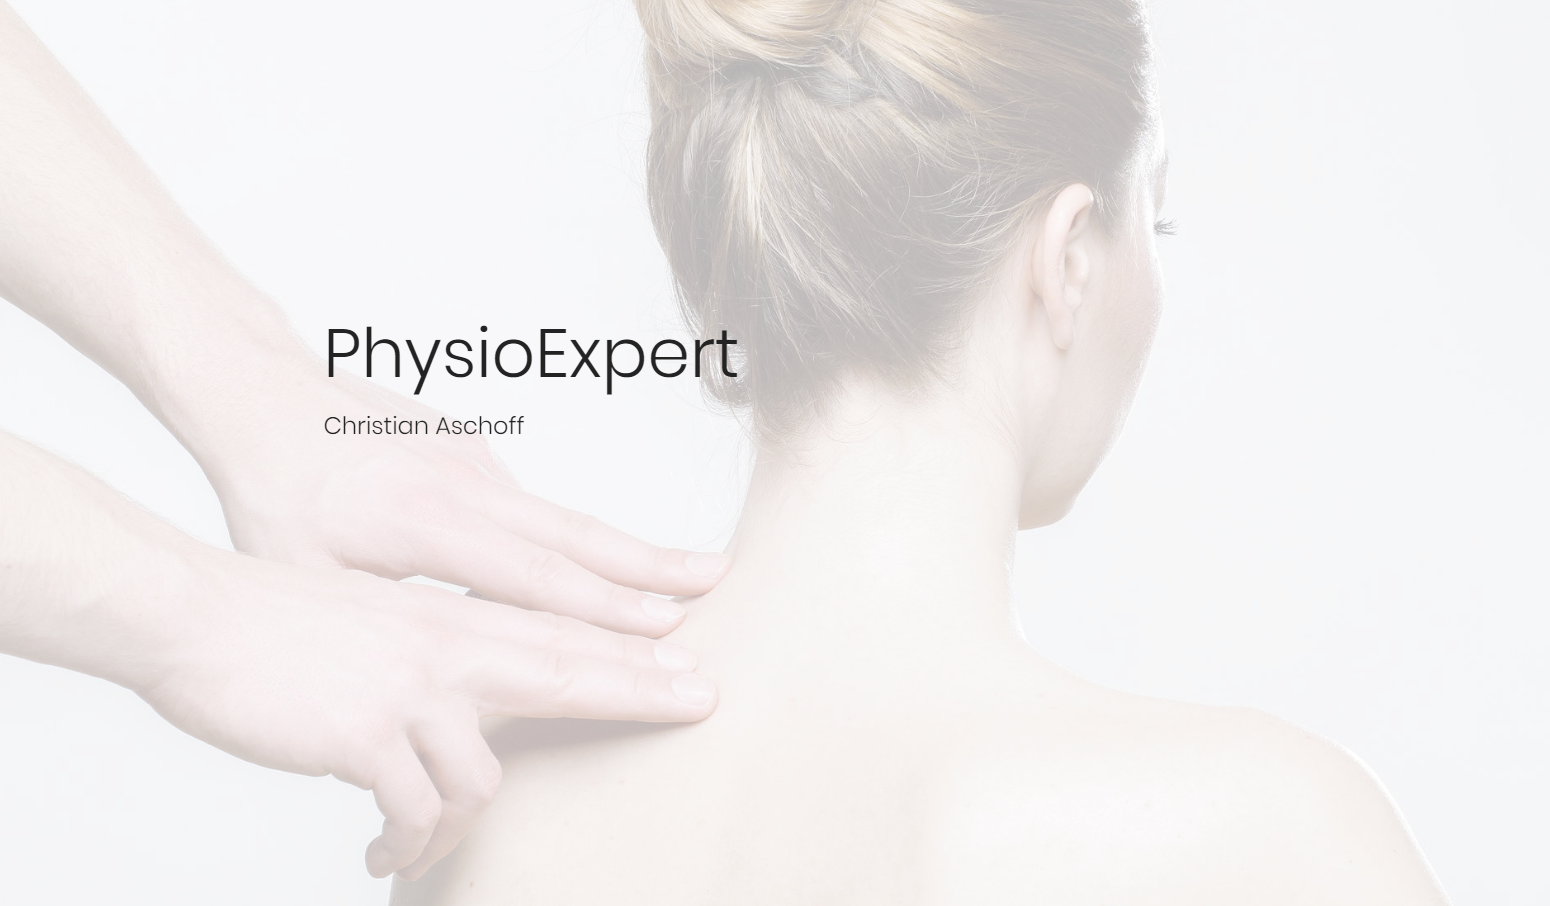 PhysioExpert Christian Aschoff